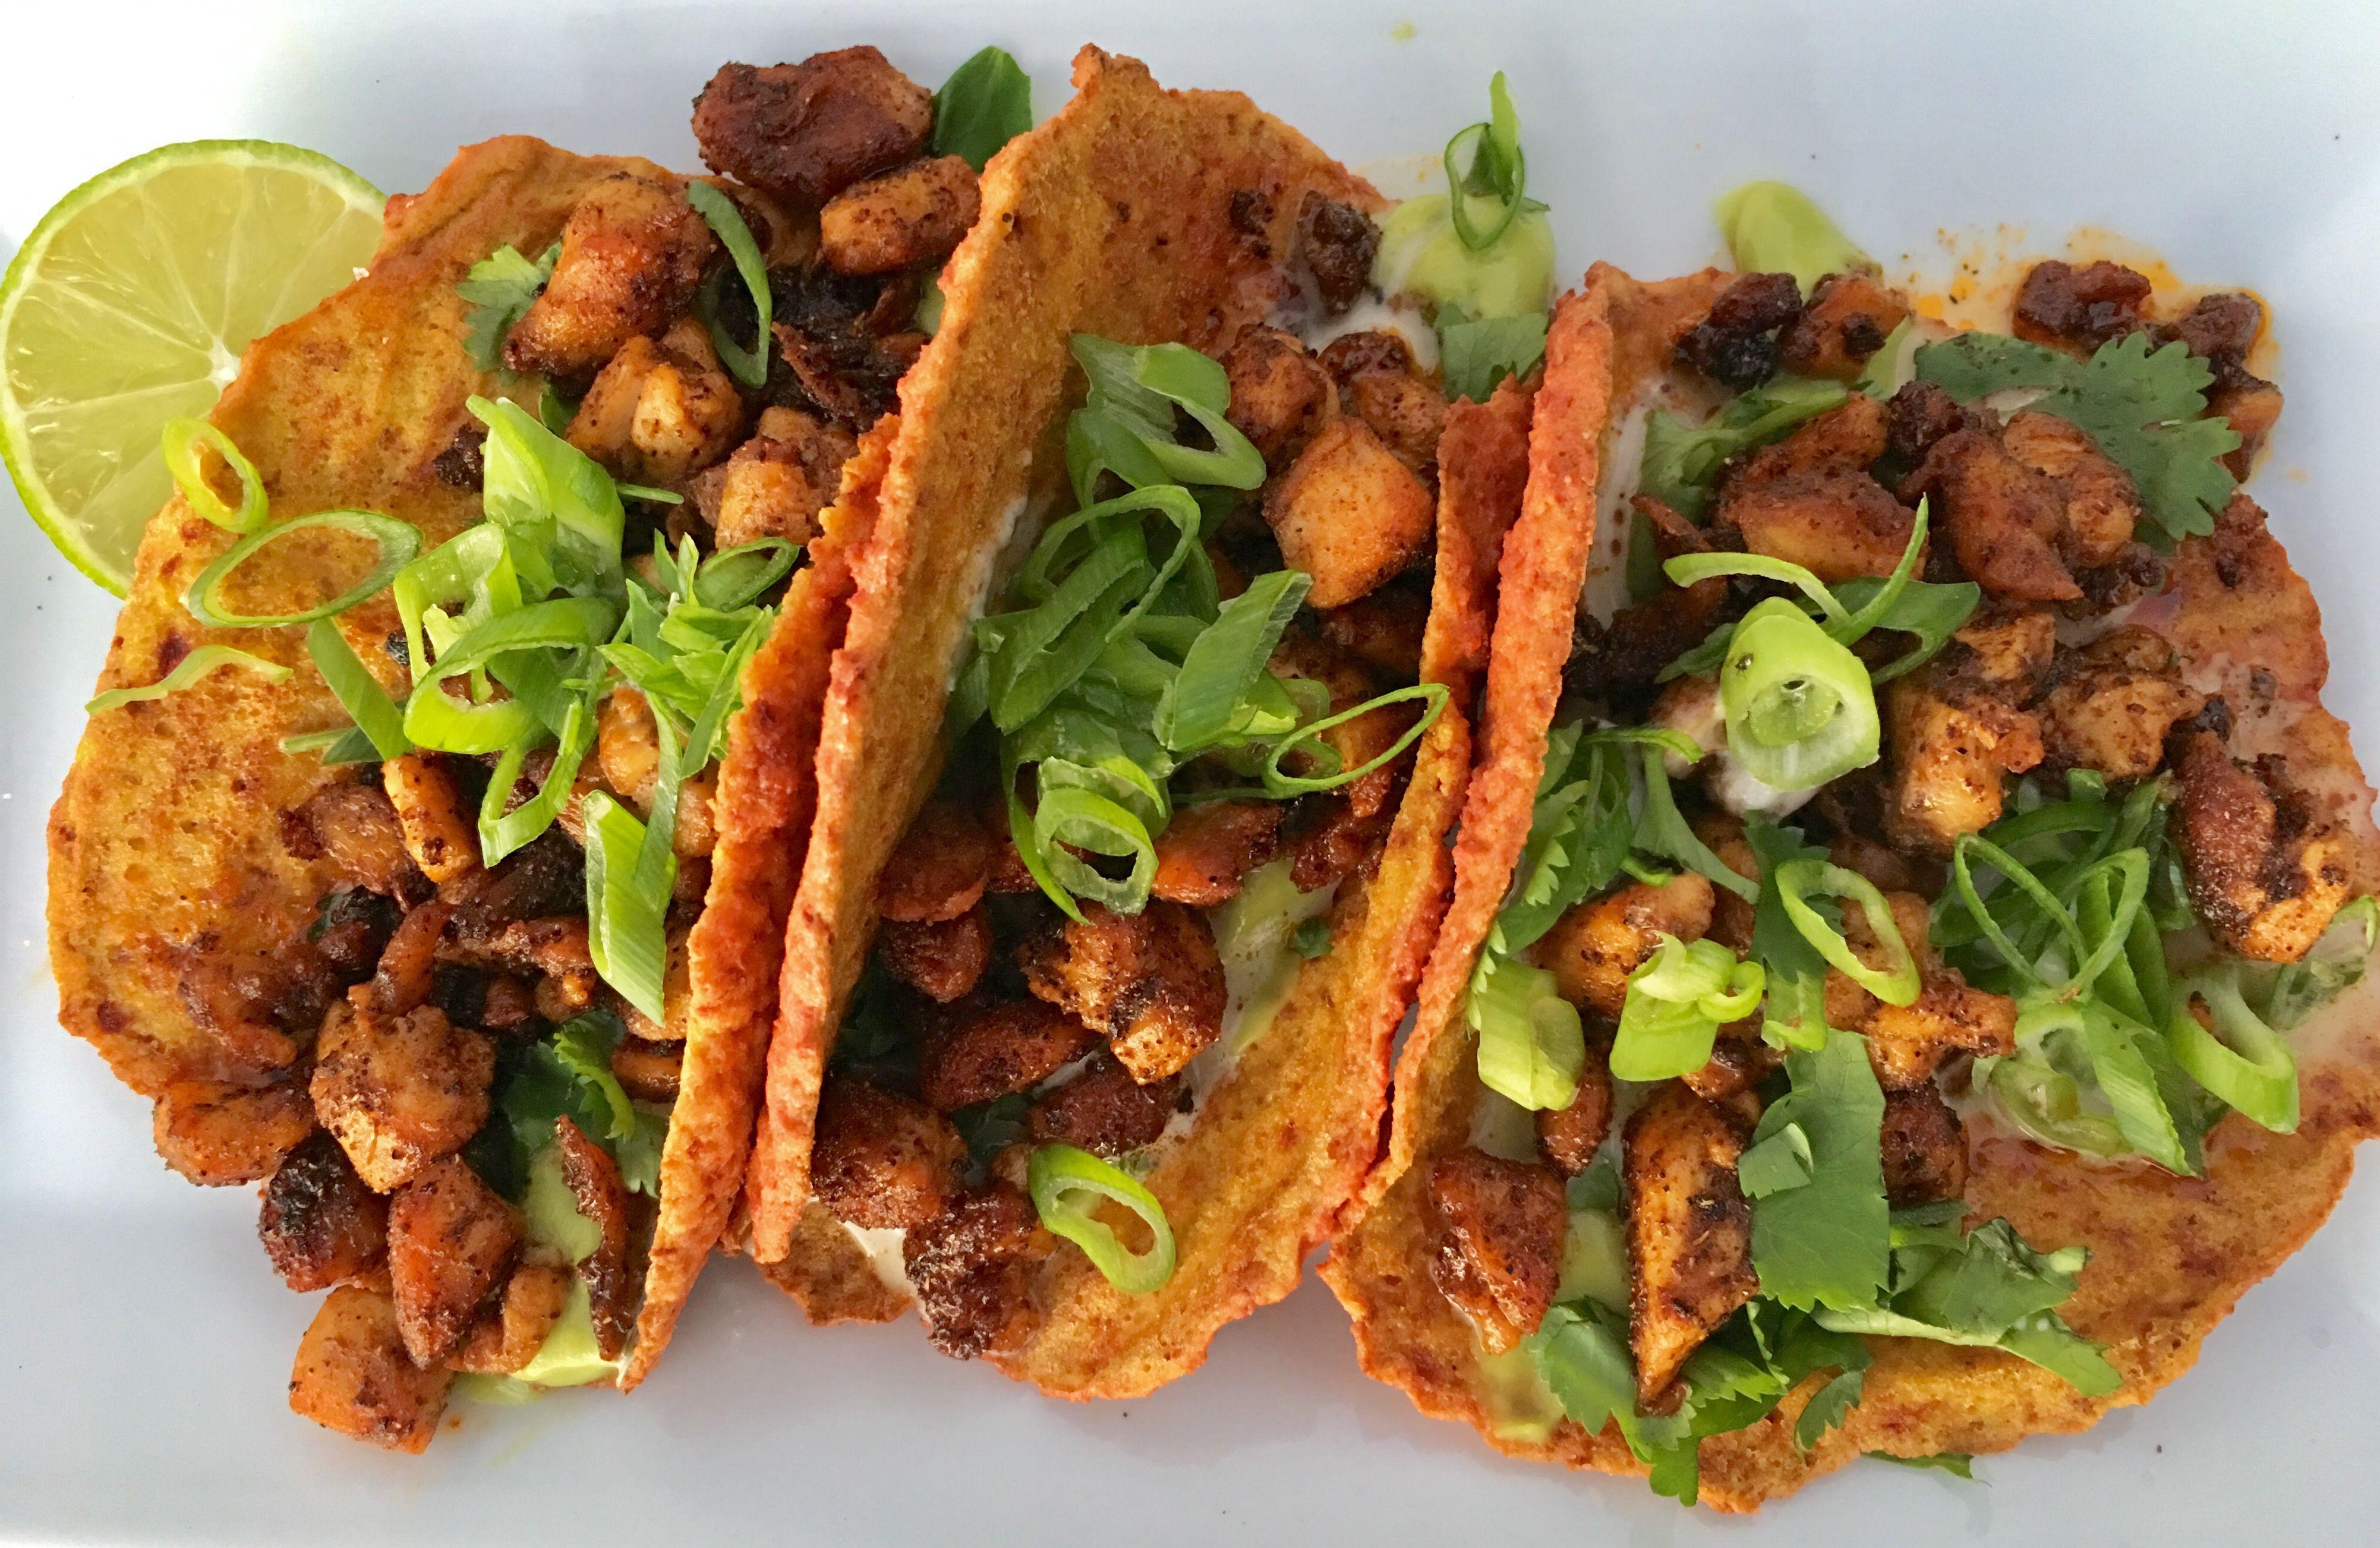 Beet street chicken tacos recipe street tacos chicken